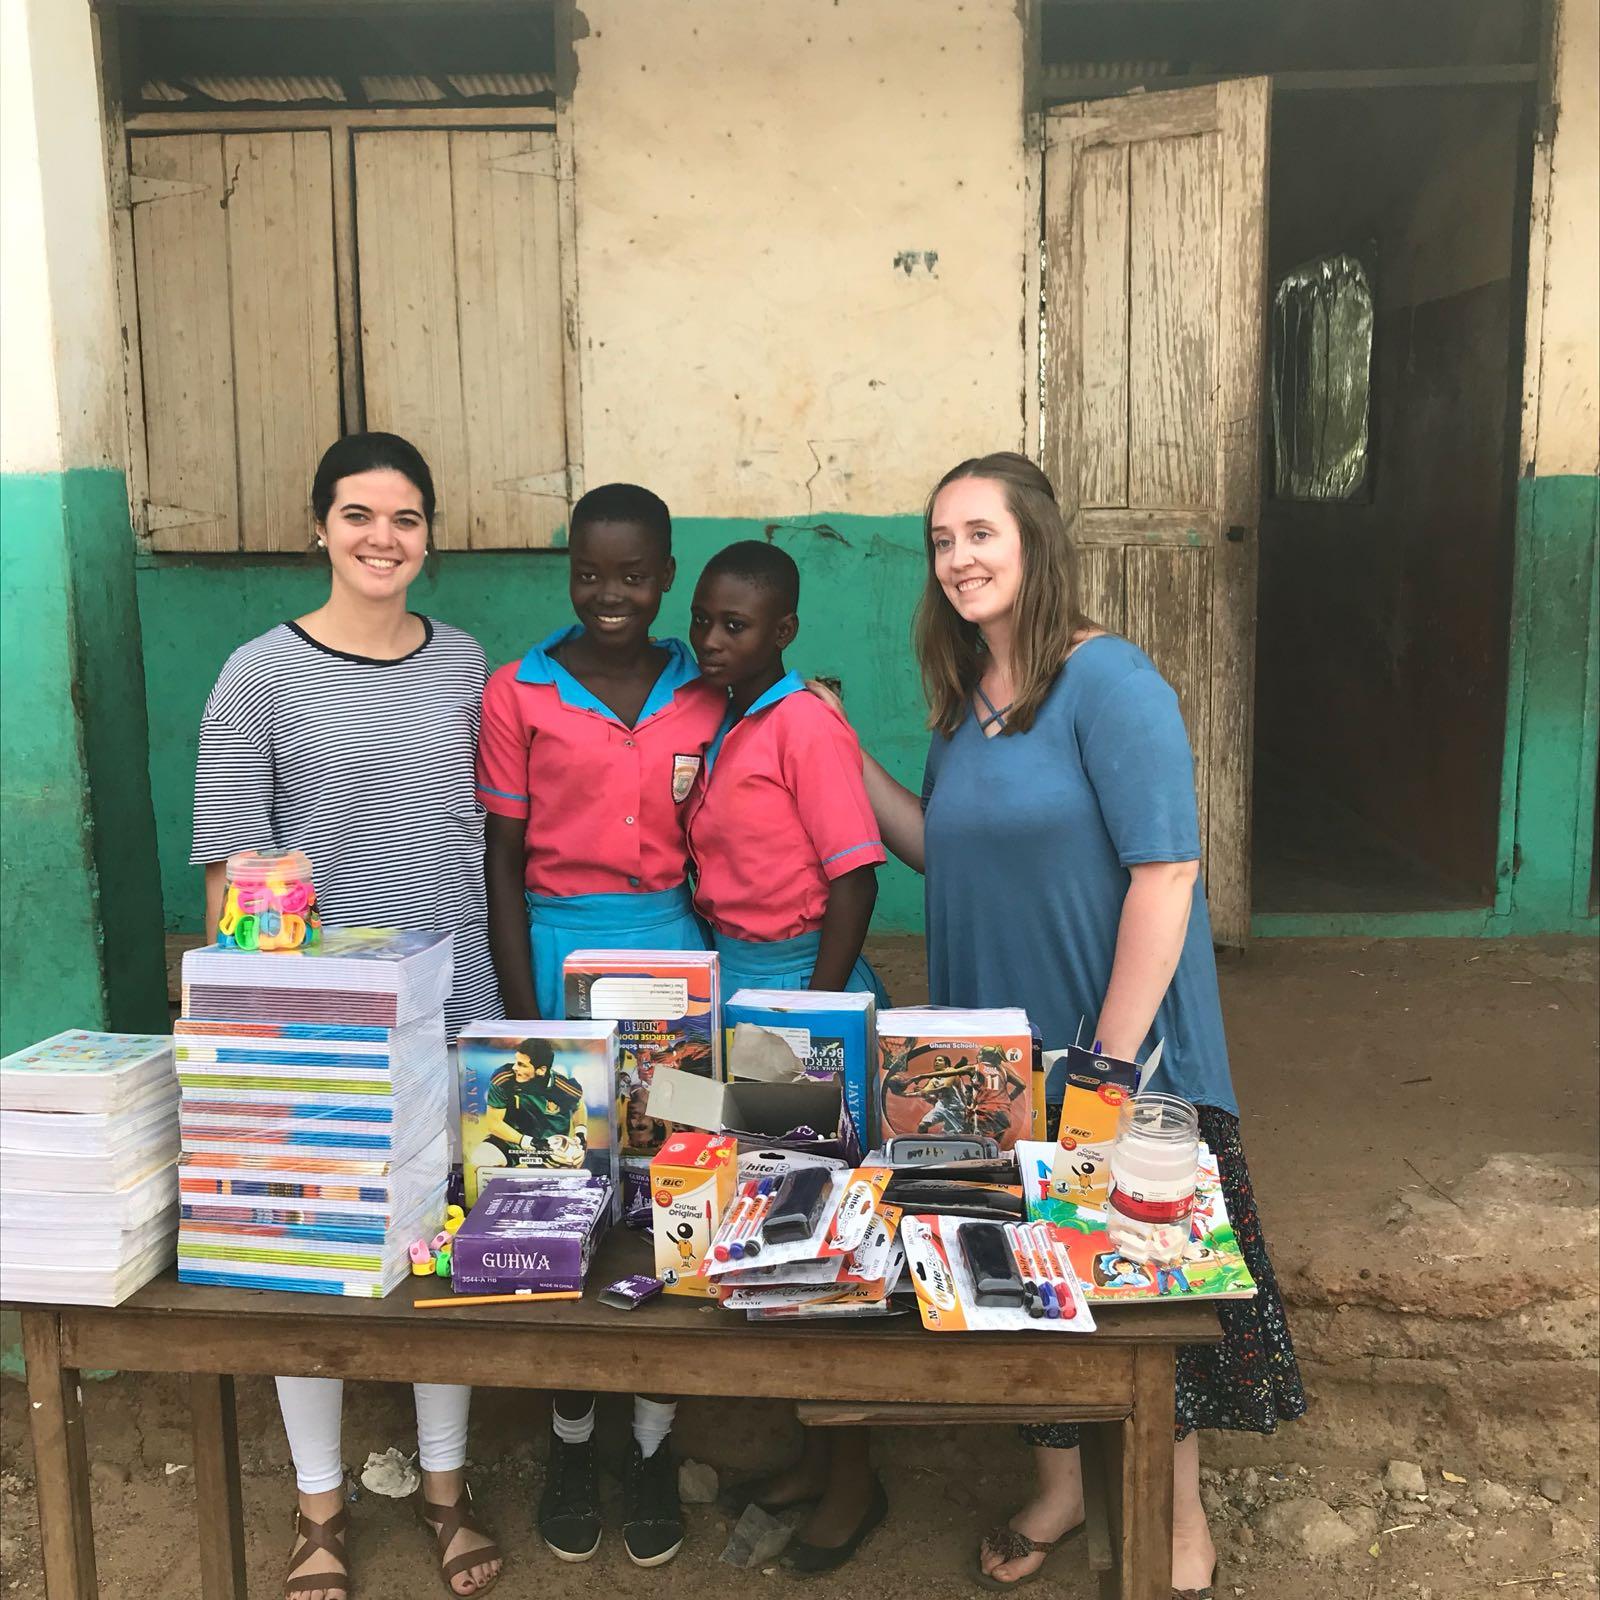 Volunteering Solutions: 2 Weeks Special Volunteer Program in Ghana